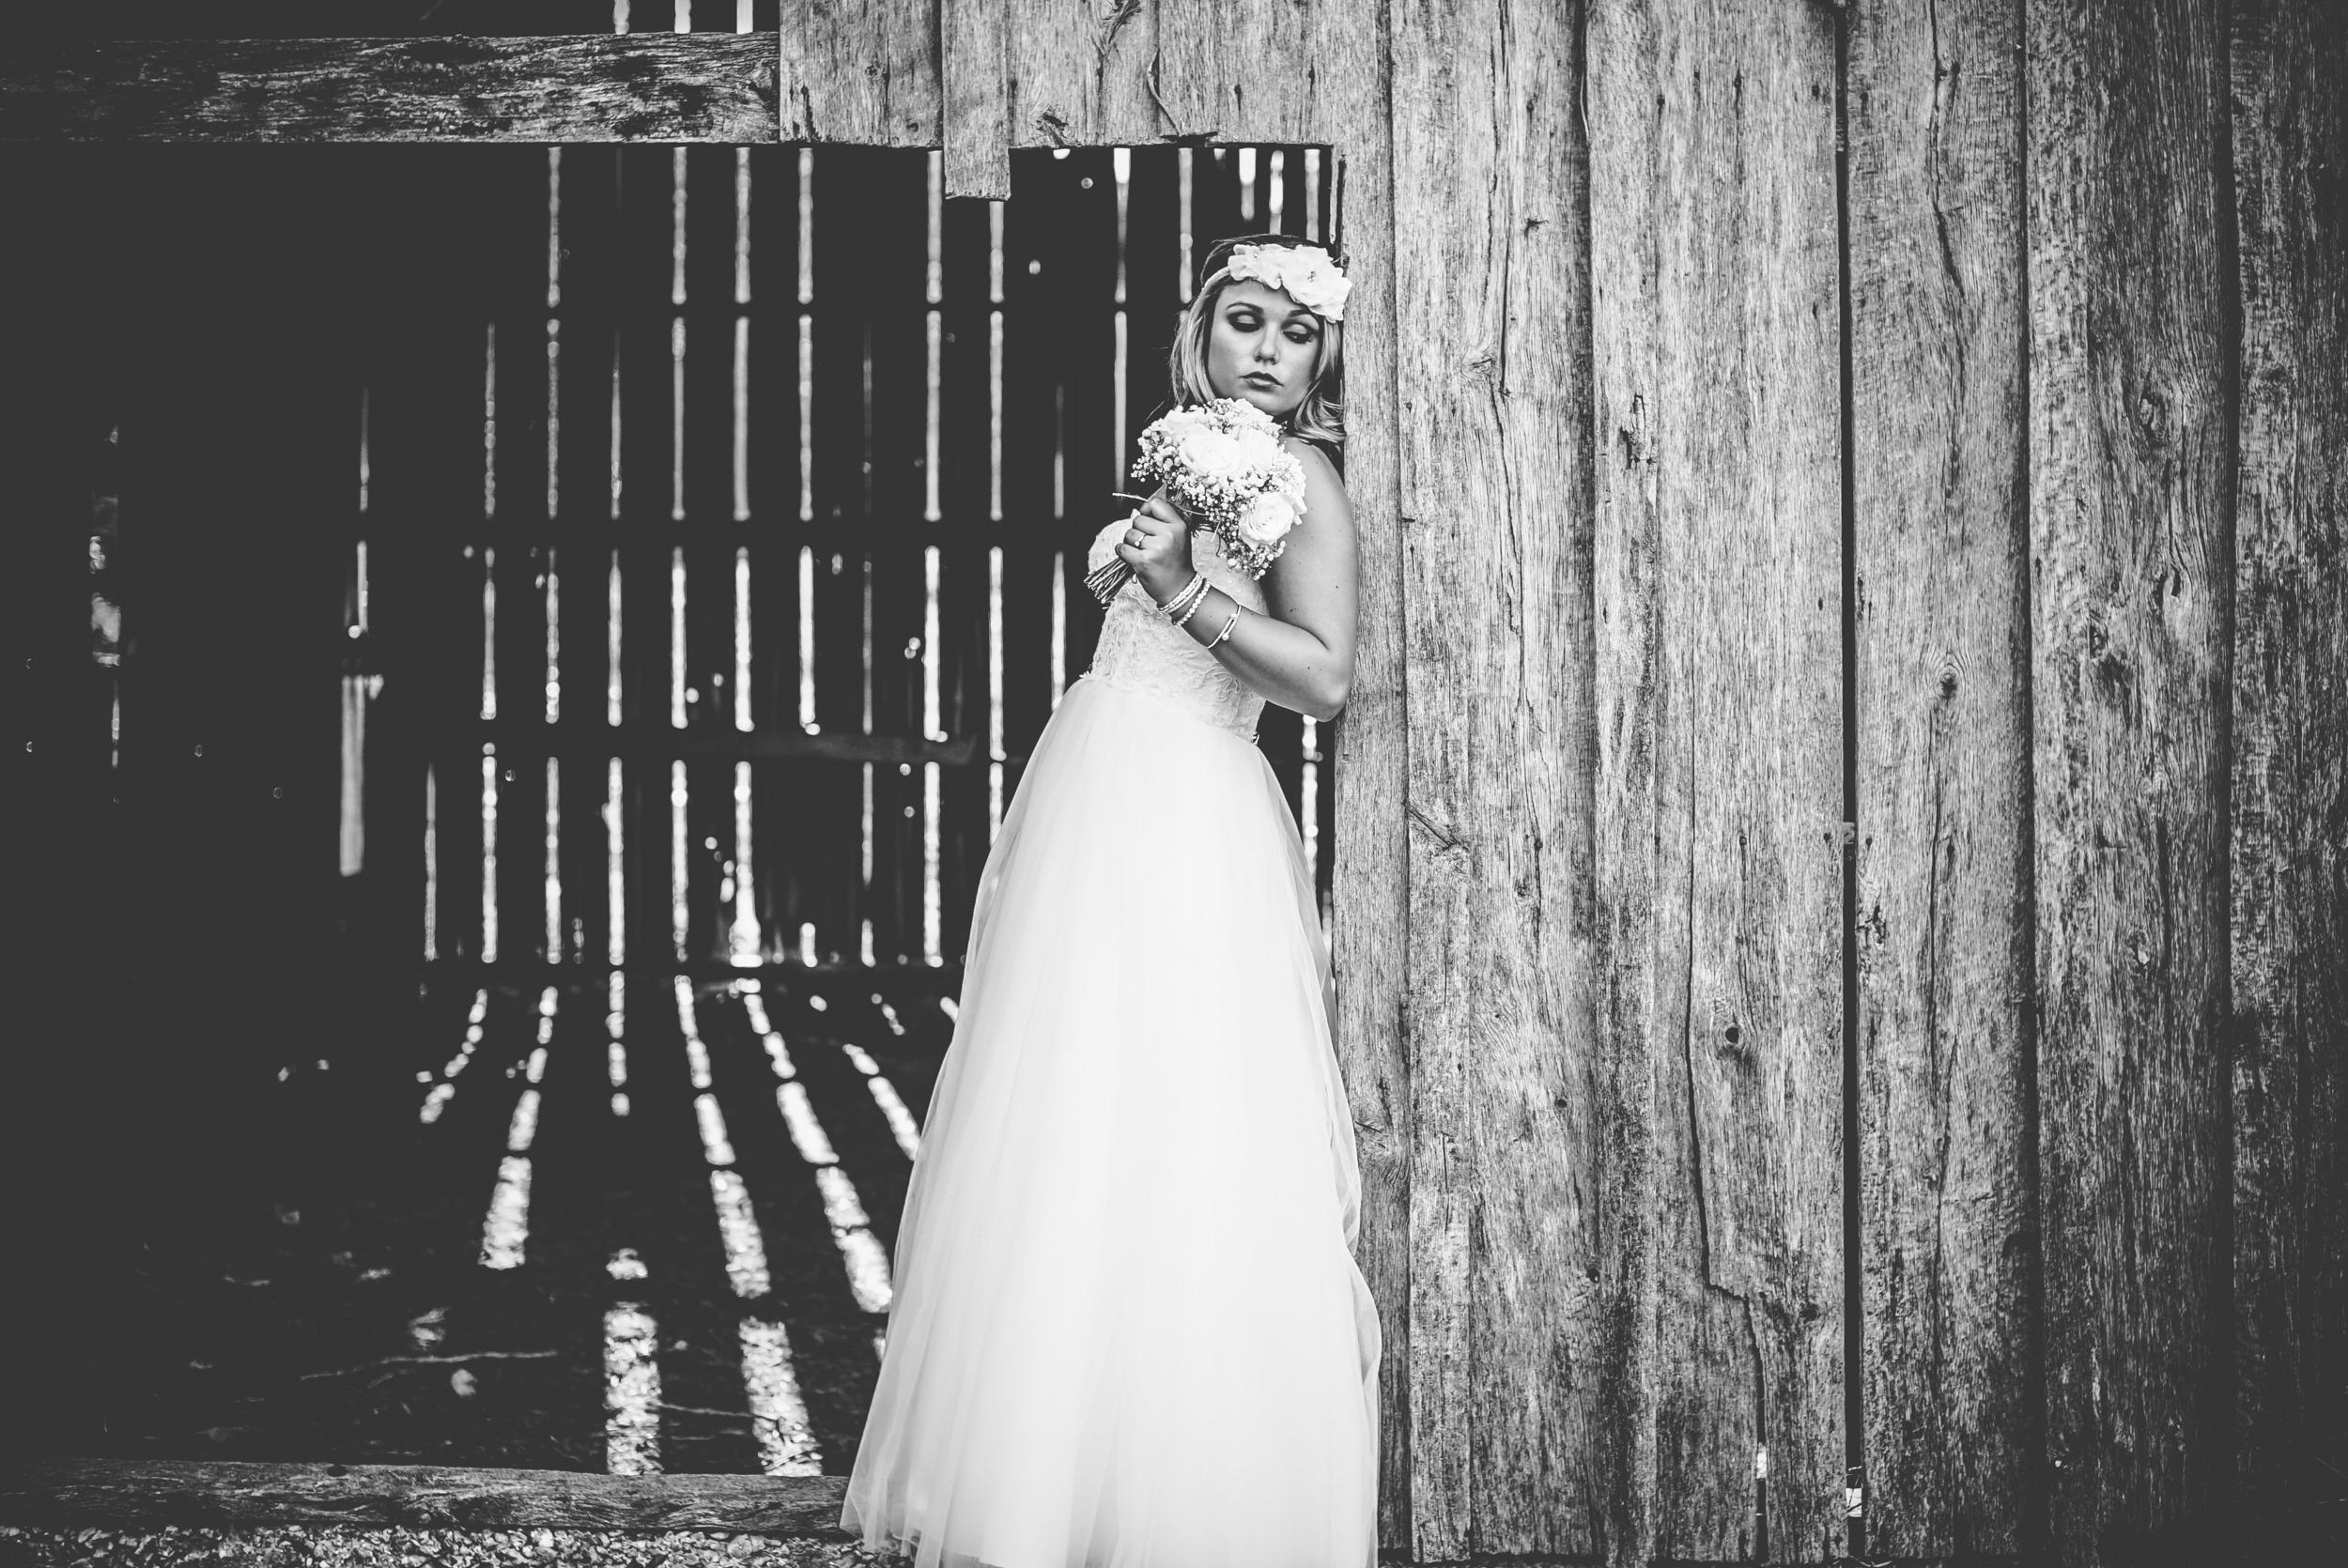 bridals©2015mileswittboyer-45.jpg